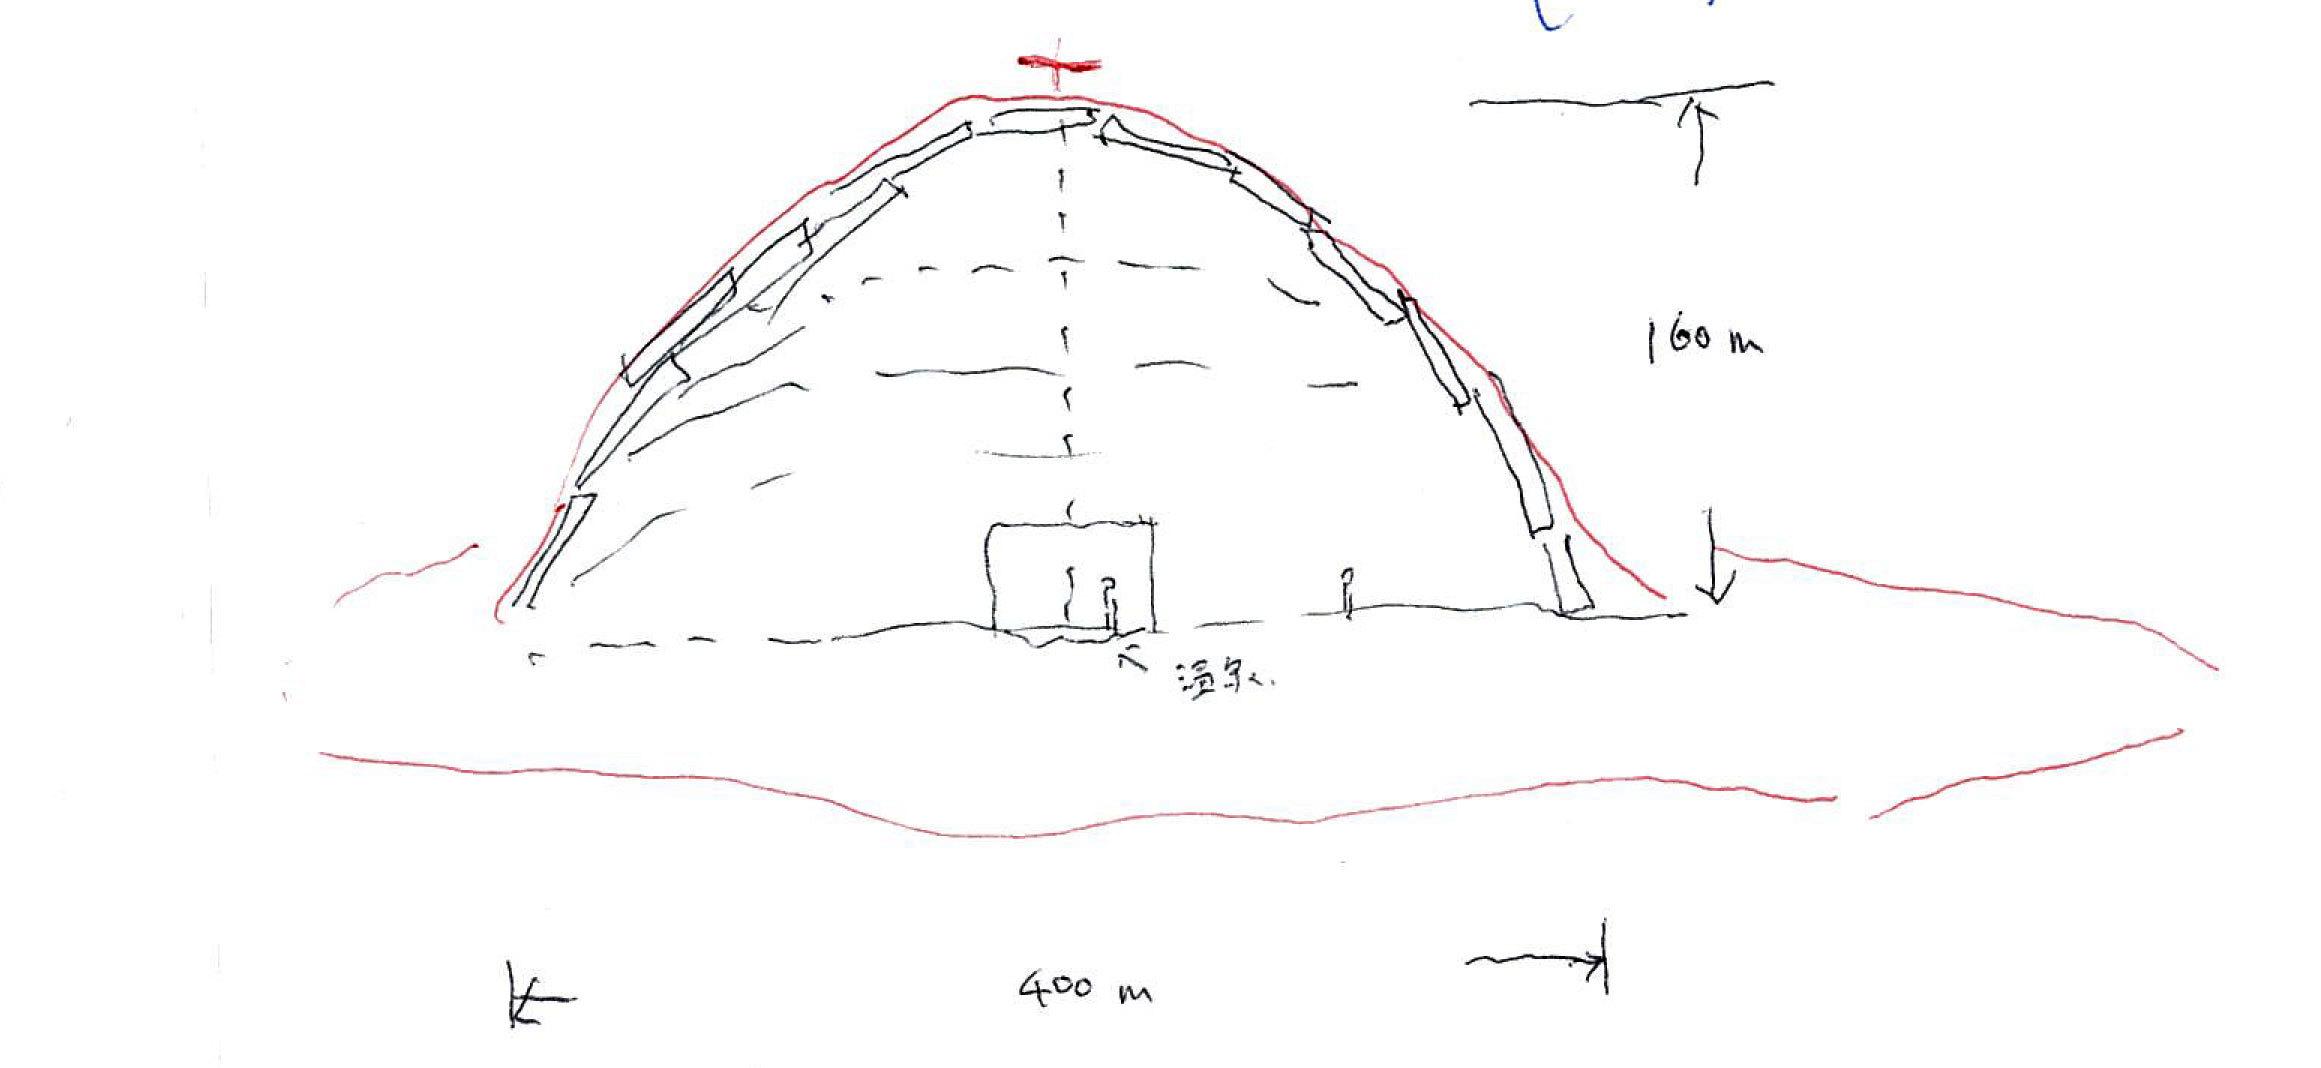 川俣正岩見沢プロジェクト2016/奈良大安寺の丸太・2_c0189970_09334901.jpg